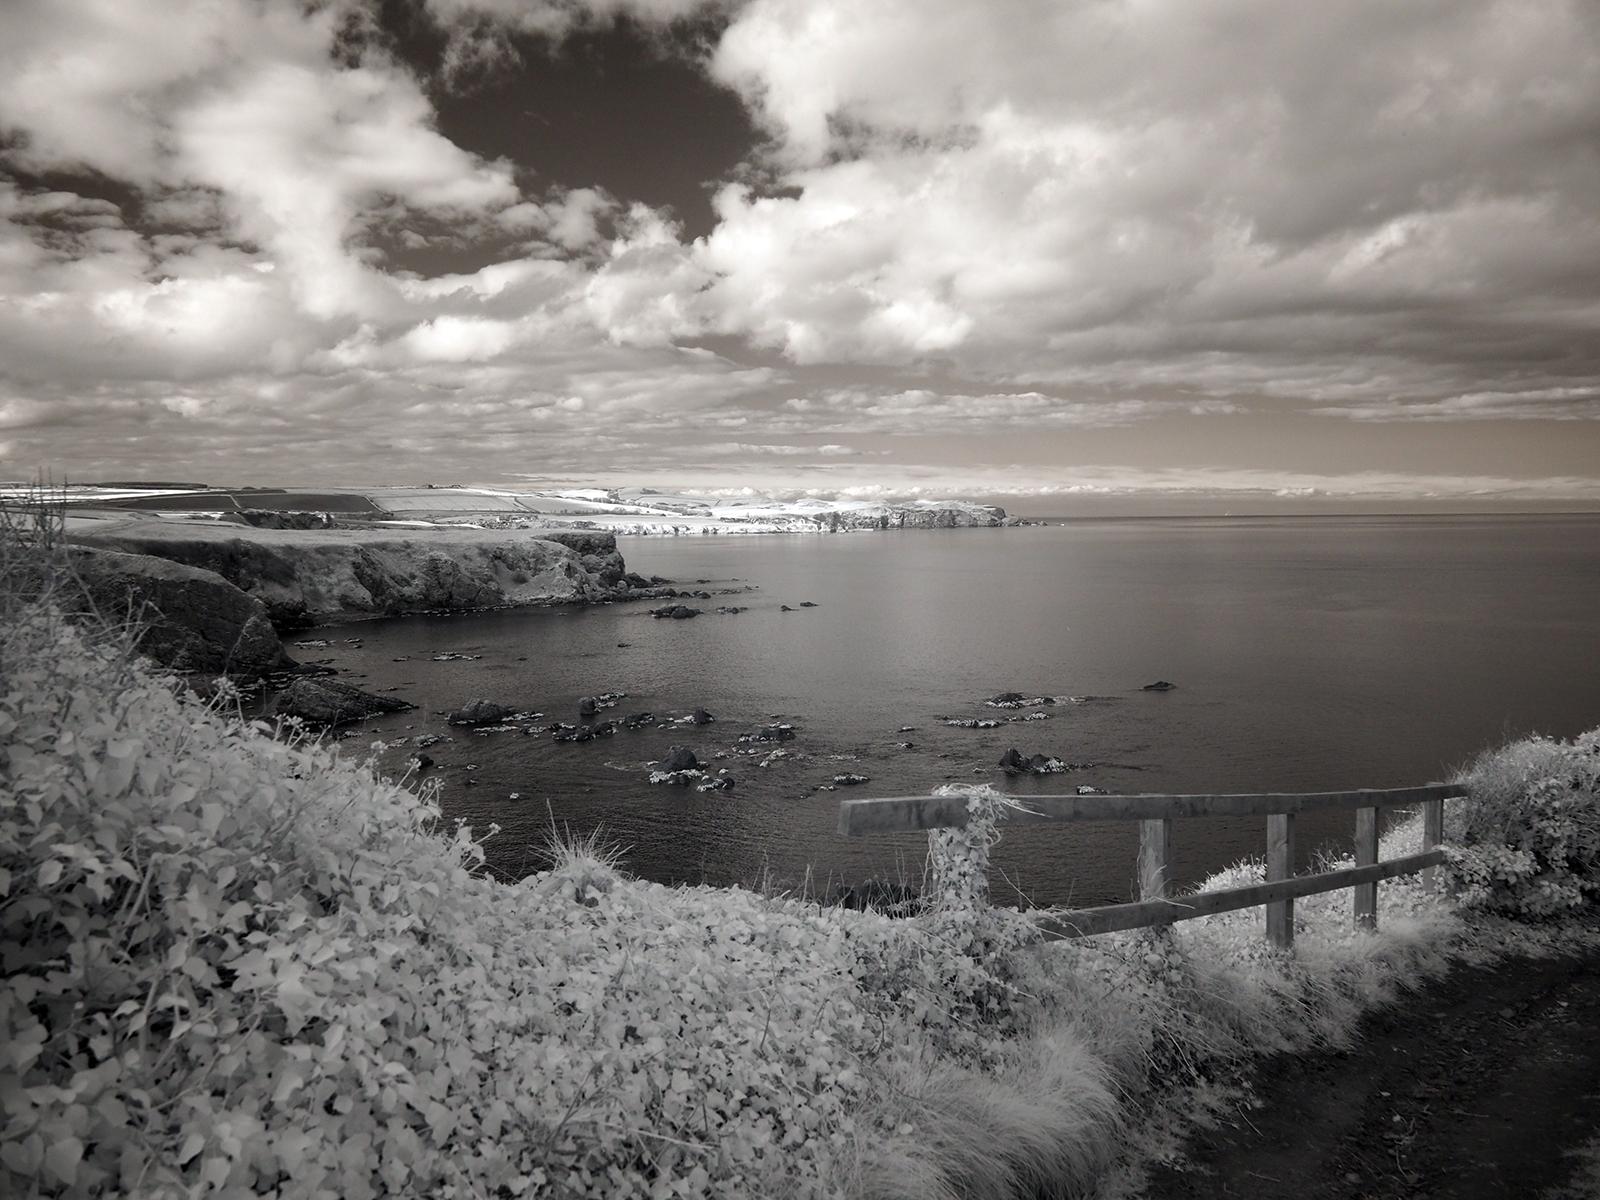 St Abbs Head across Coldingham Bay